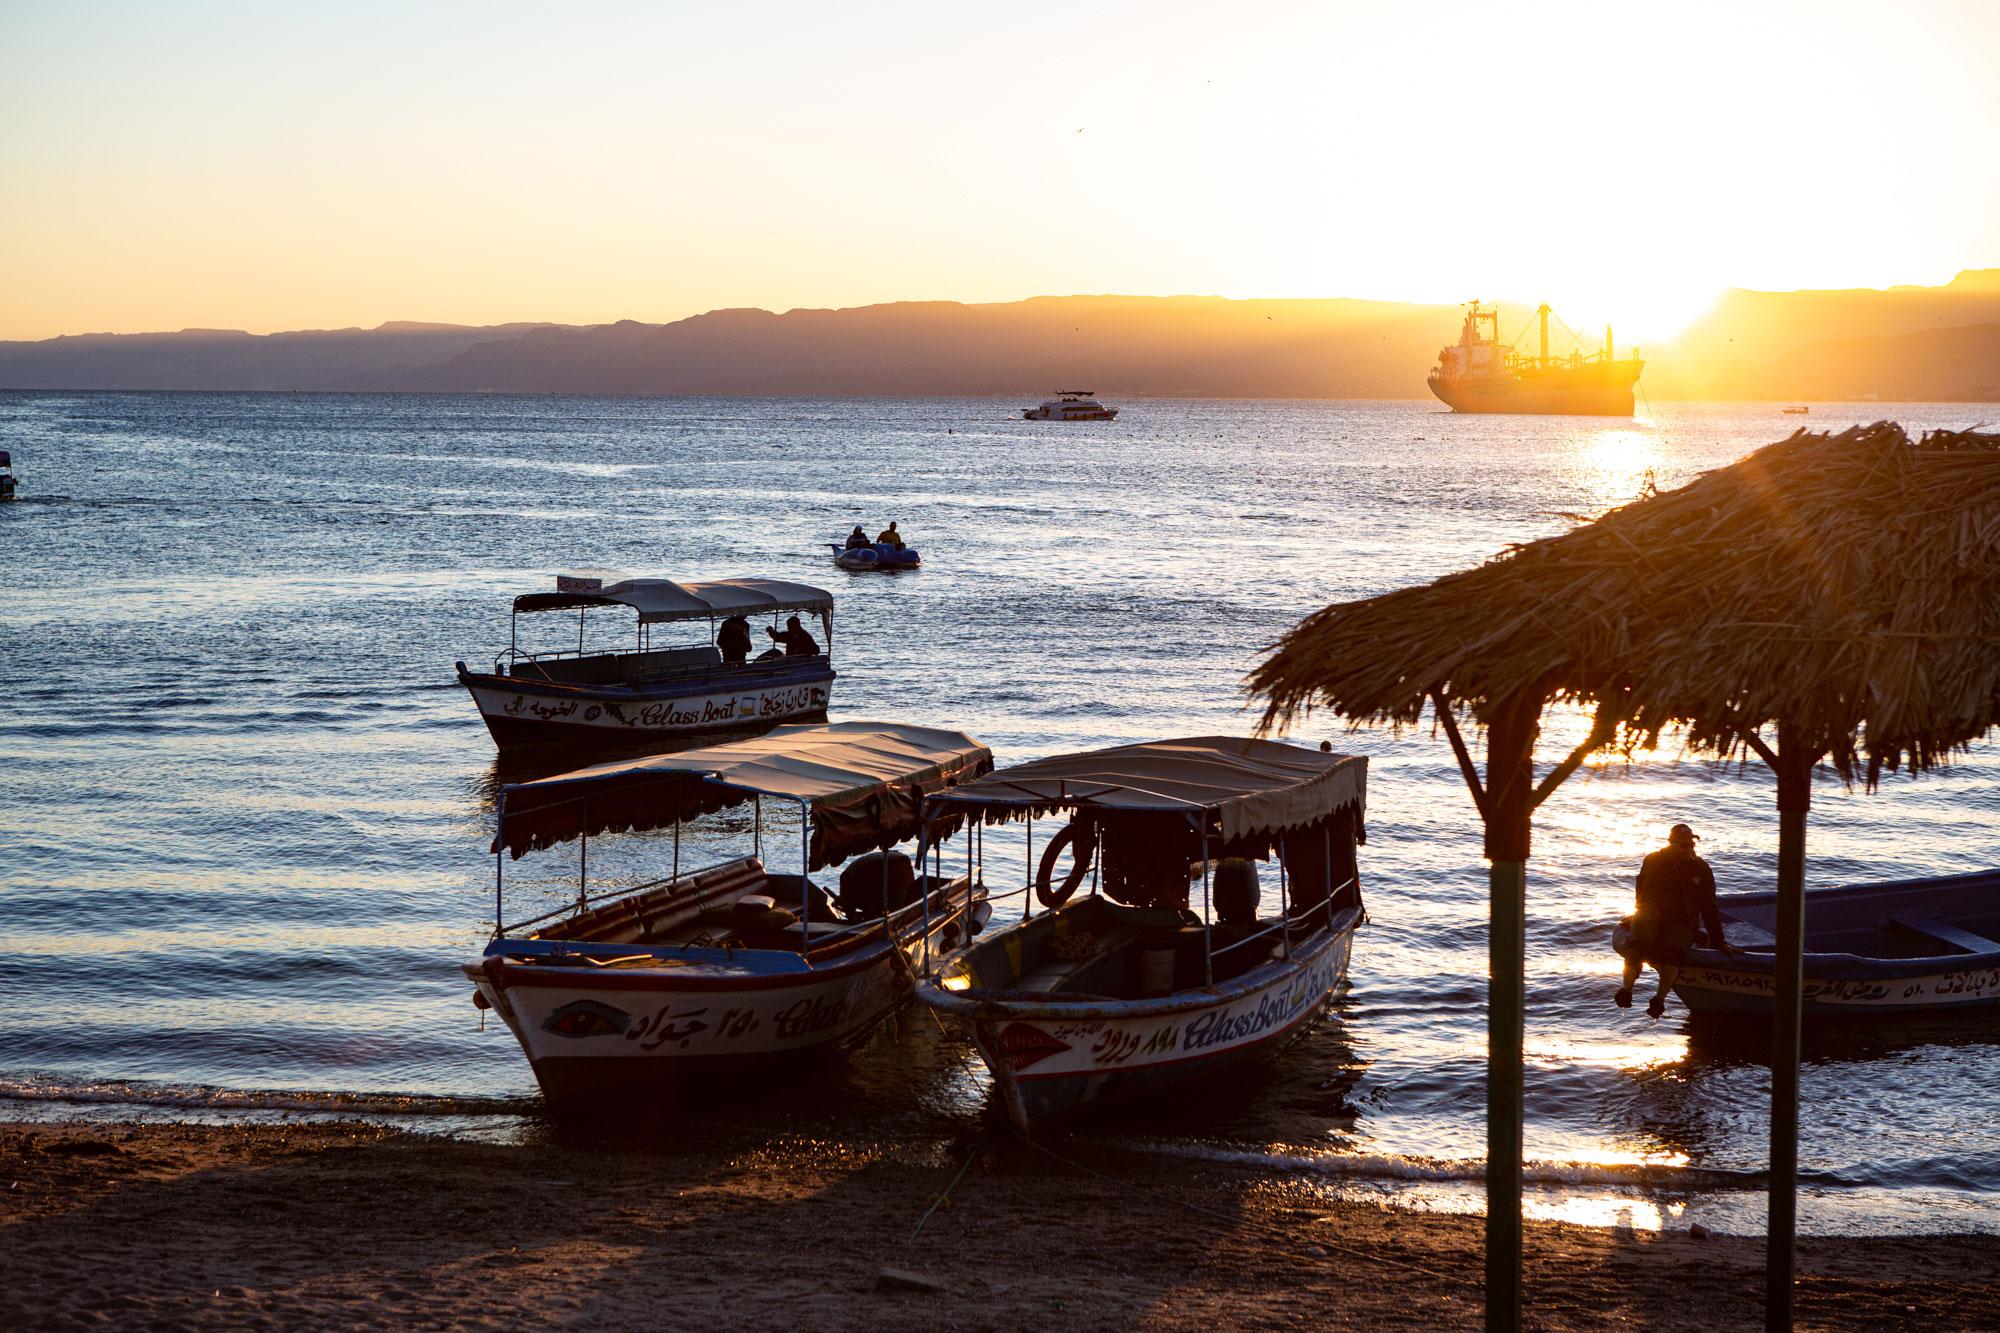 voyage en Jordanie Aqaba plage